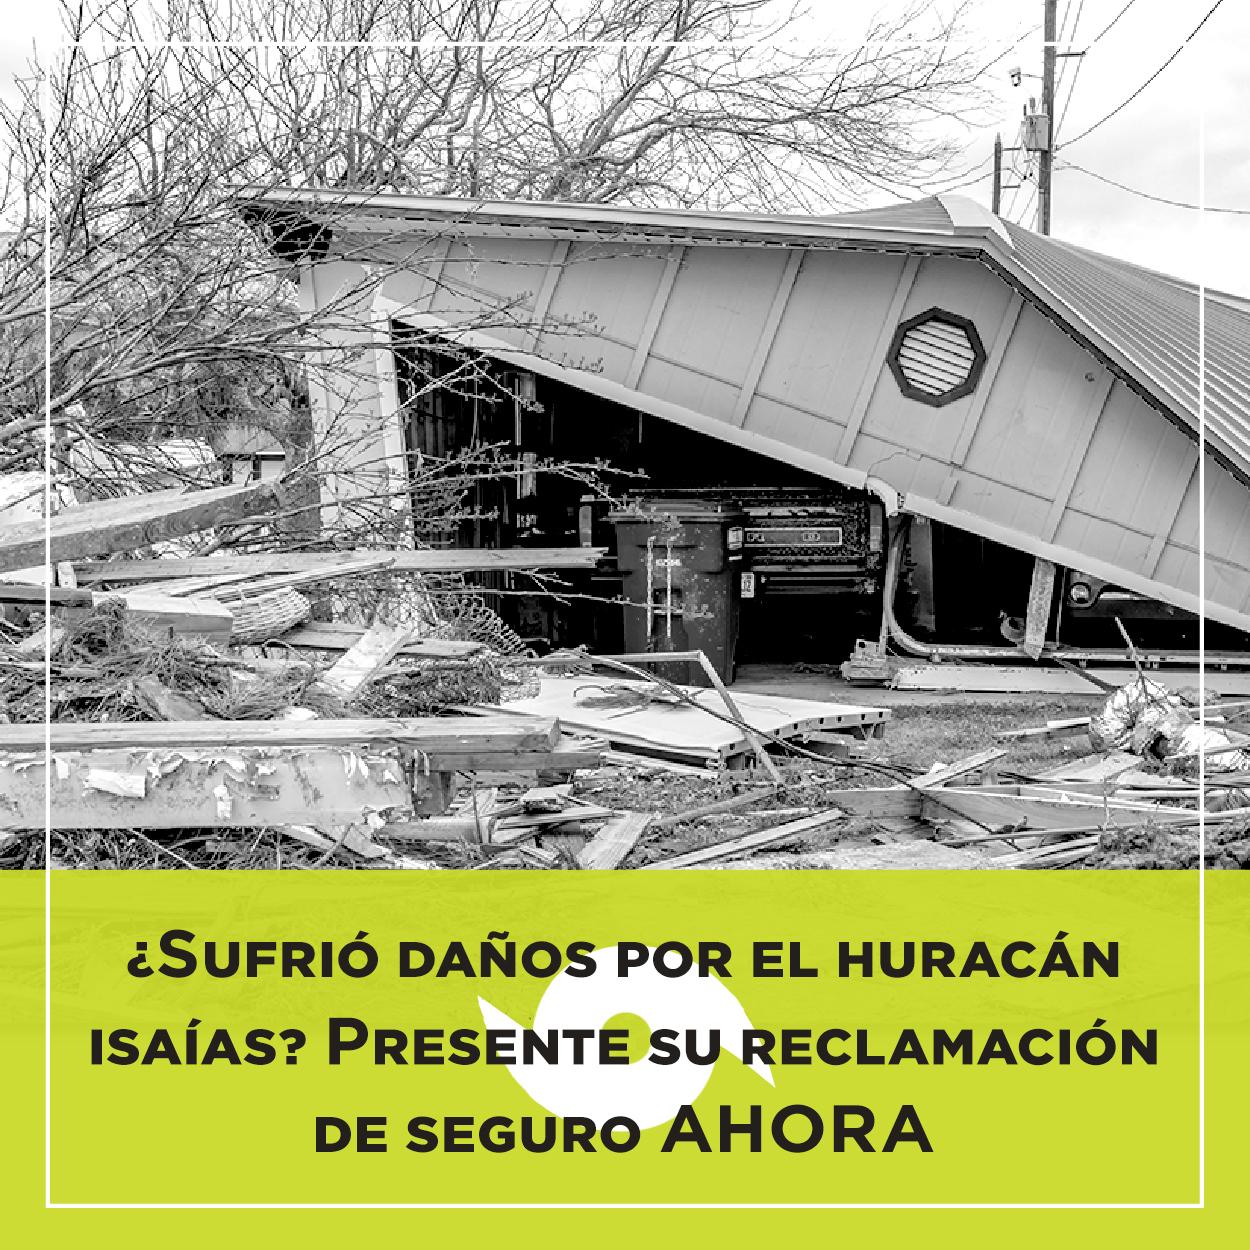 Alerta al Consumidor: ¿Sufrió Daños por el Huracán Isaías? Presente su Reclamación de Seguro AHORA